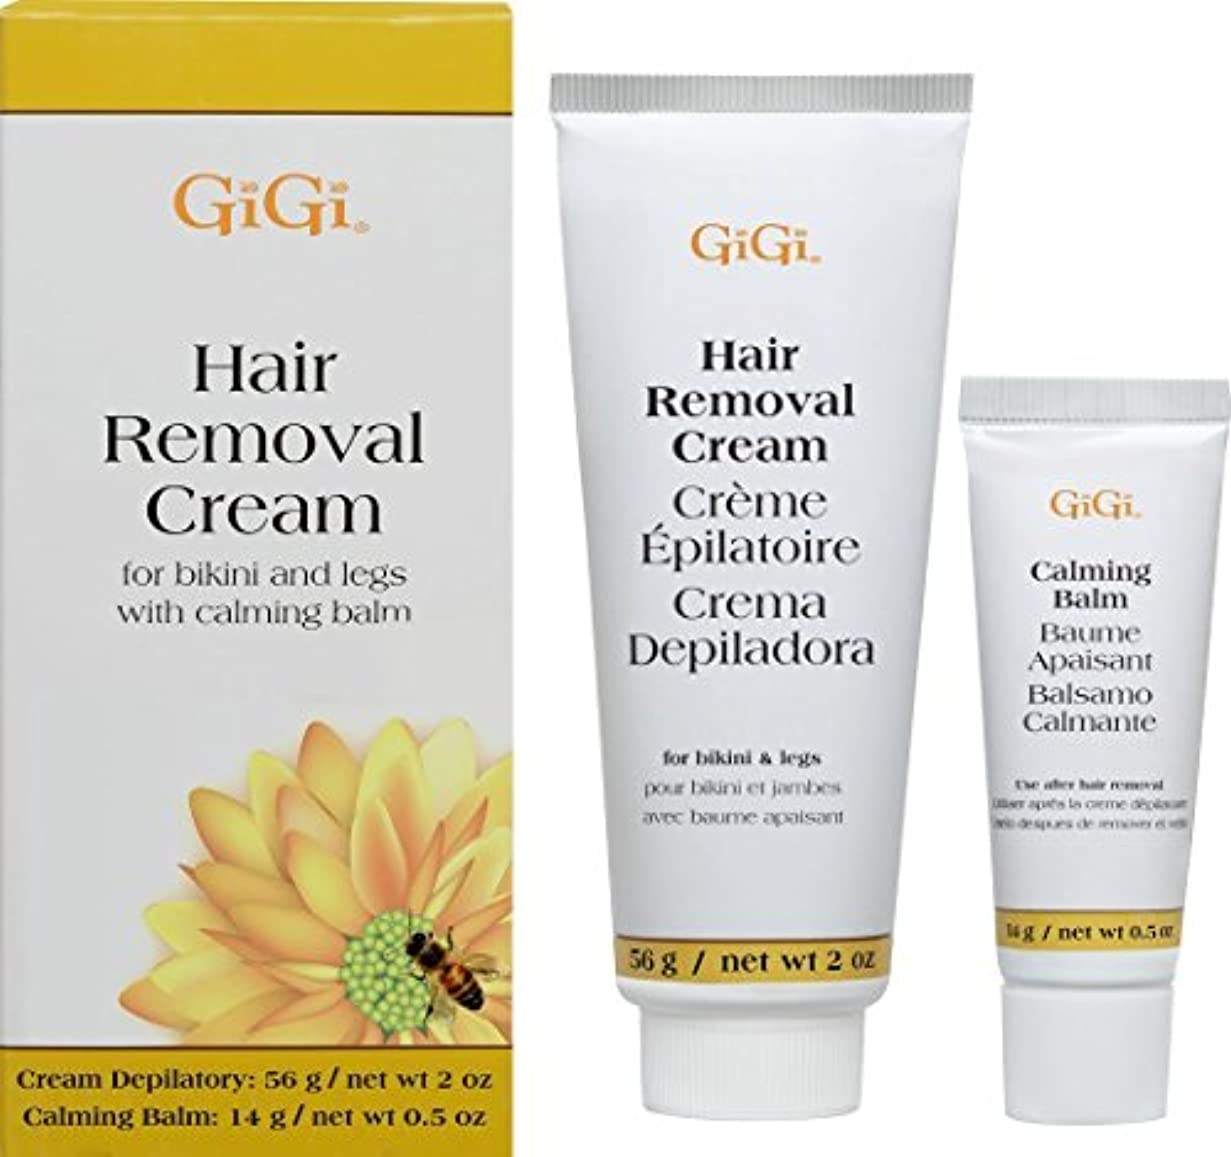 従事した繁殖死の顎(1) - Gigi Hair Removal Cream W/Balm For Bikini & Legs